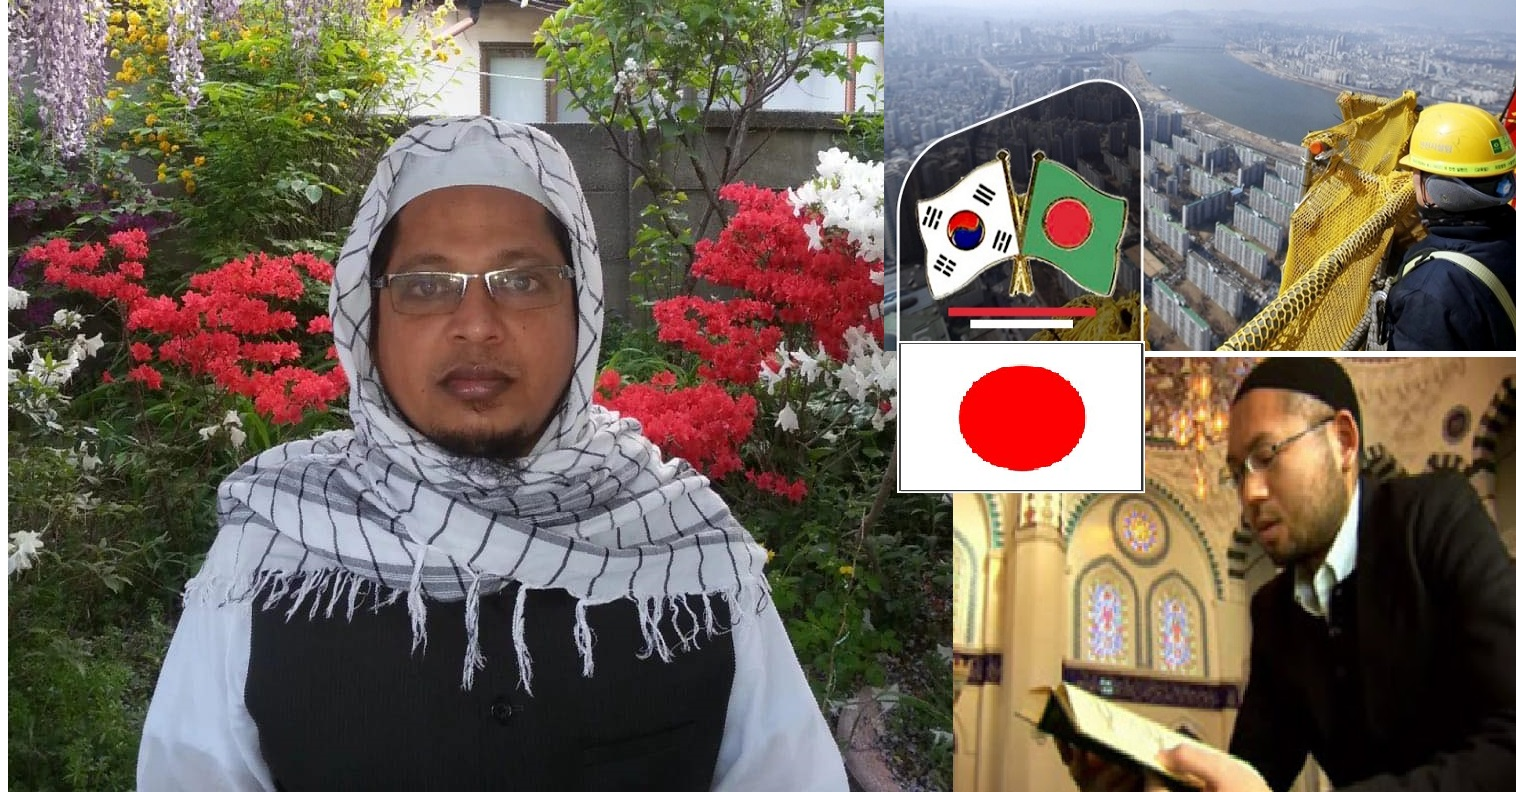 """টোকিও জাপান থেকে সম্প্রচারিত ধারাবাহিক ইসলামী লাইভ """"মুক্তির পয়গাম"""" সময়- রাত ১০:৩০ মি. (জাপান ও দ:কোরিয়া ), Doshdik TV"""